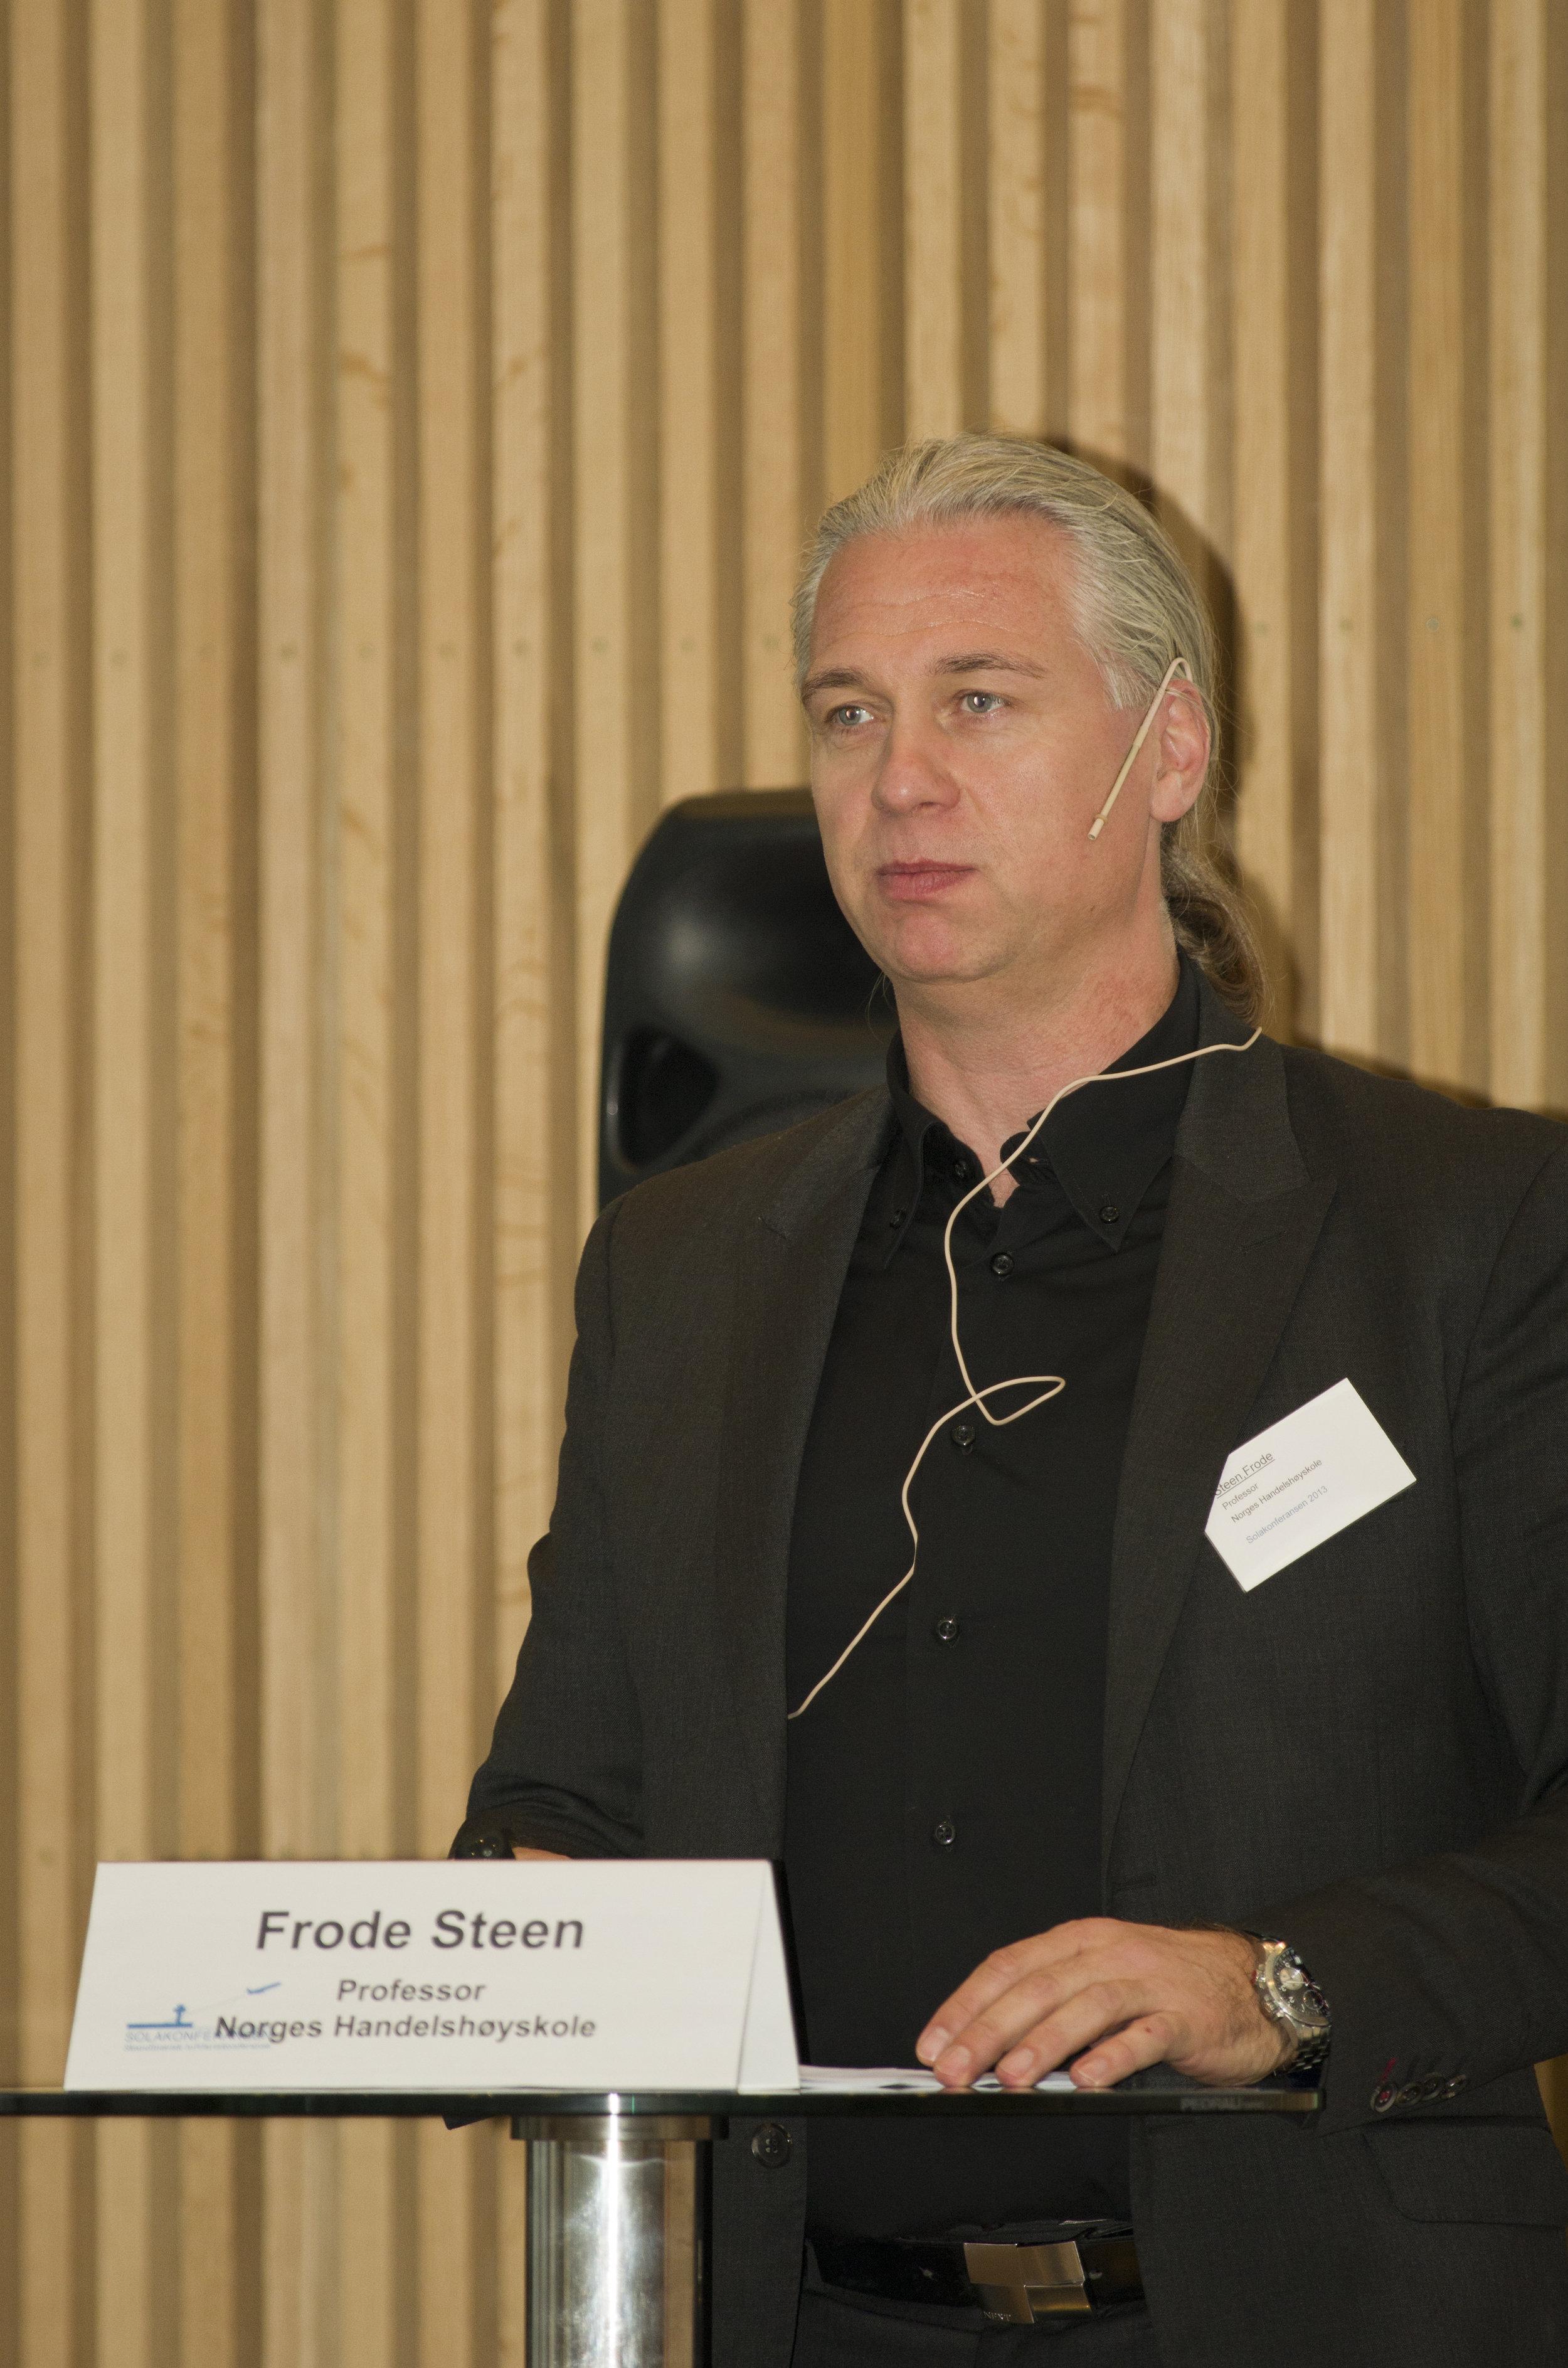 Frode Steen (1).JPG